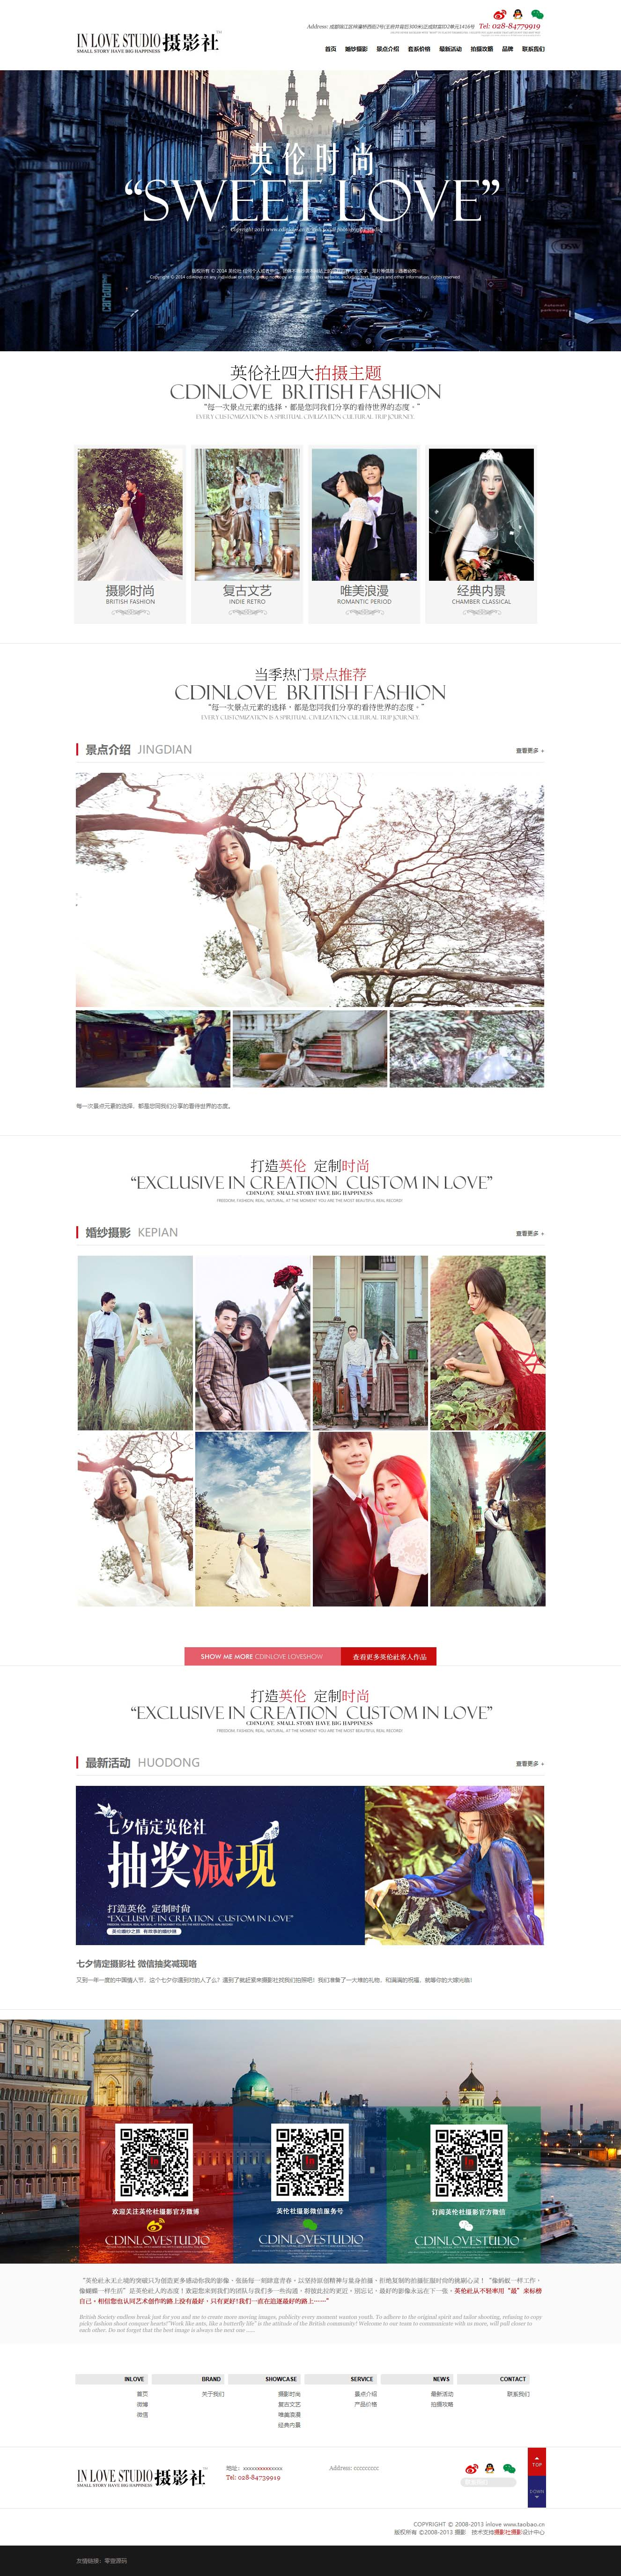 大气婚纱影楼网站织梦模板DEDECMS摄影工作室(修复版)